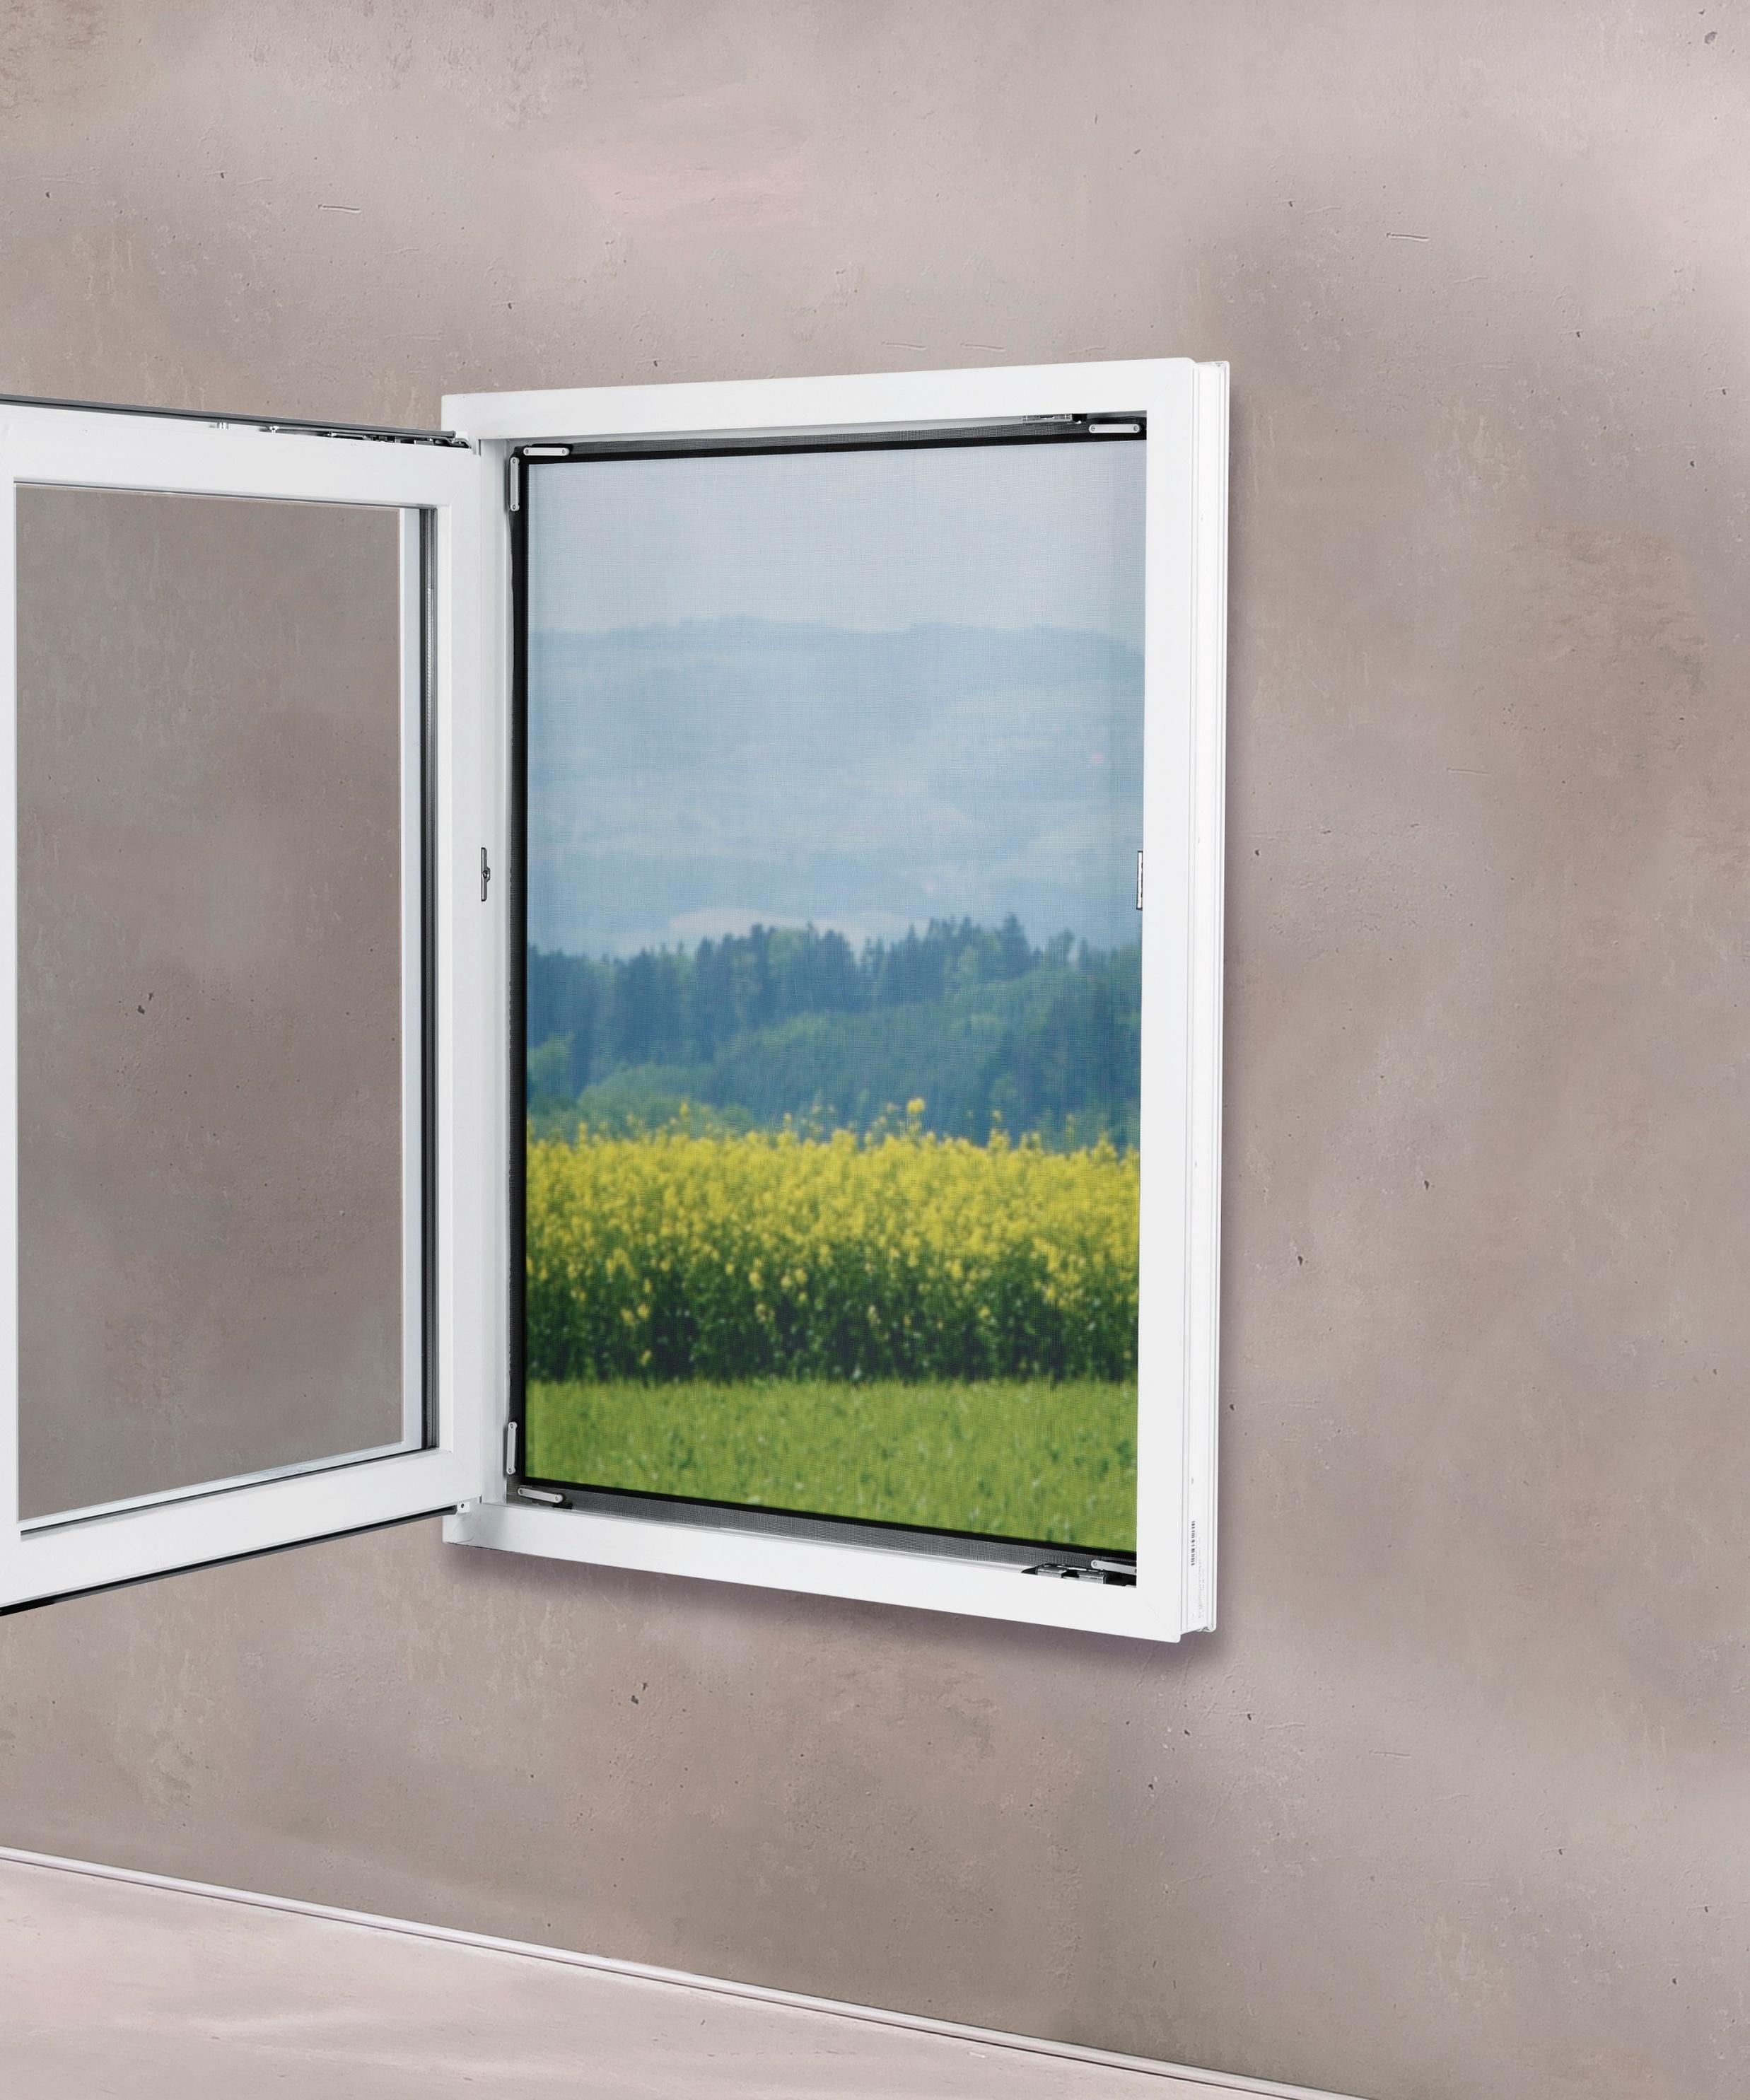 Easymaxx Fenster Moskitonetz Magic Klick Insektenschutz Magnetfenster Schwarz 150x130 Cm Bei Hornbach Kaufen